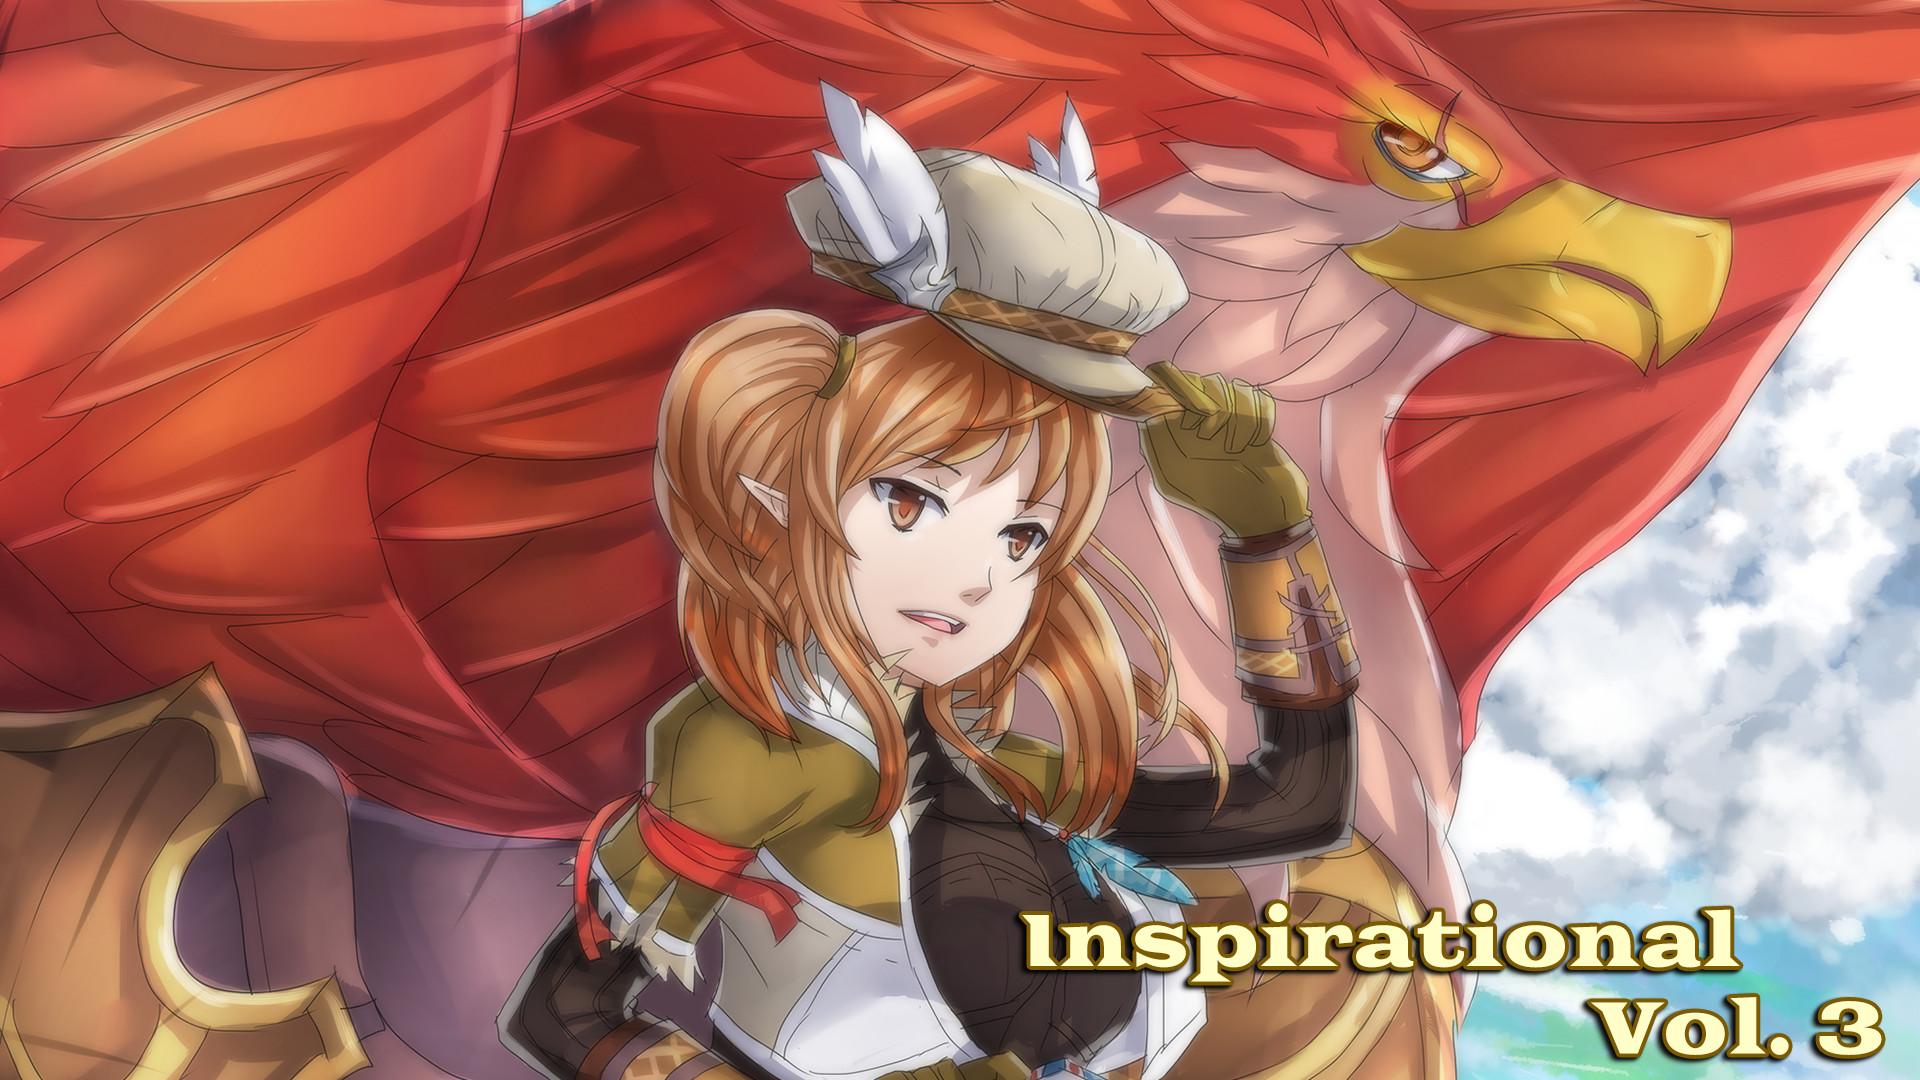 RPG Maker VX Ace - Inspirational Vol. 3 screenshot